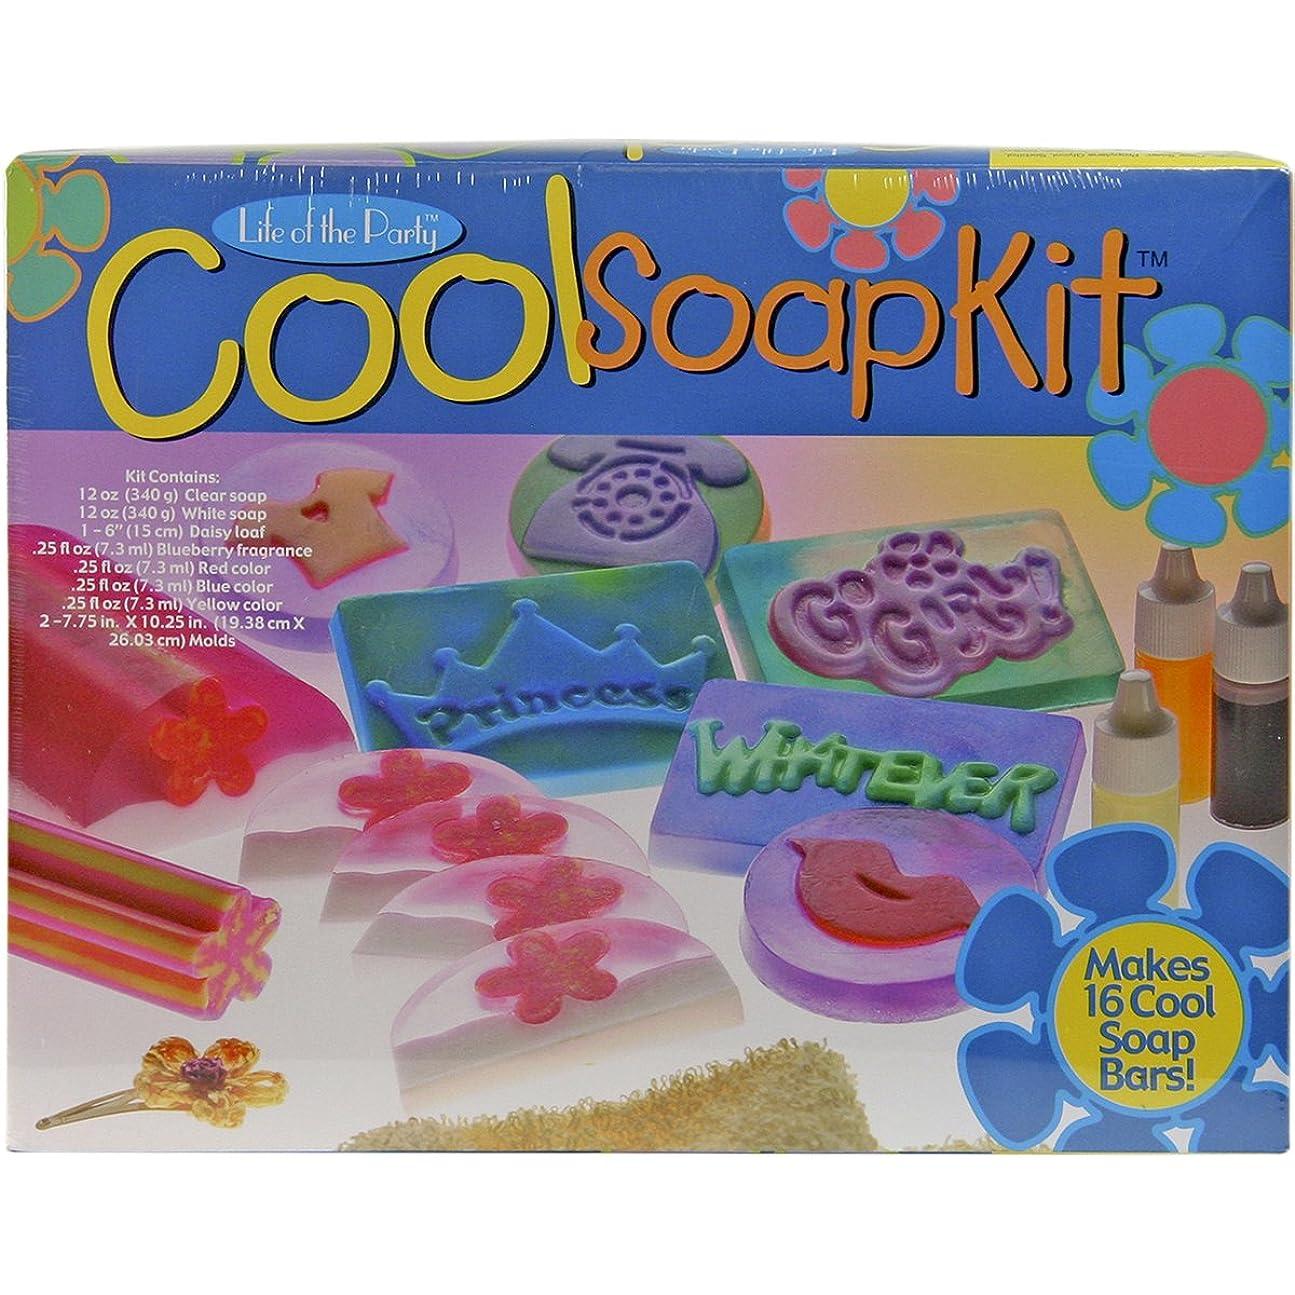 移行するほとんどの場合中止しますCool Soap Kit- (並行輸入品)